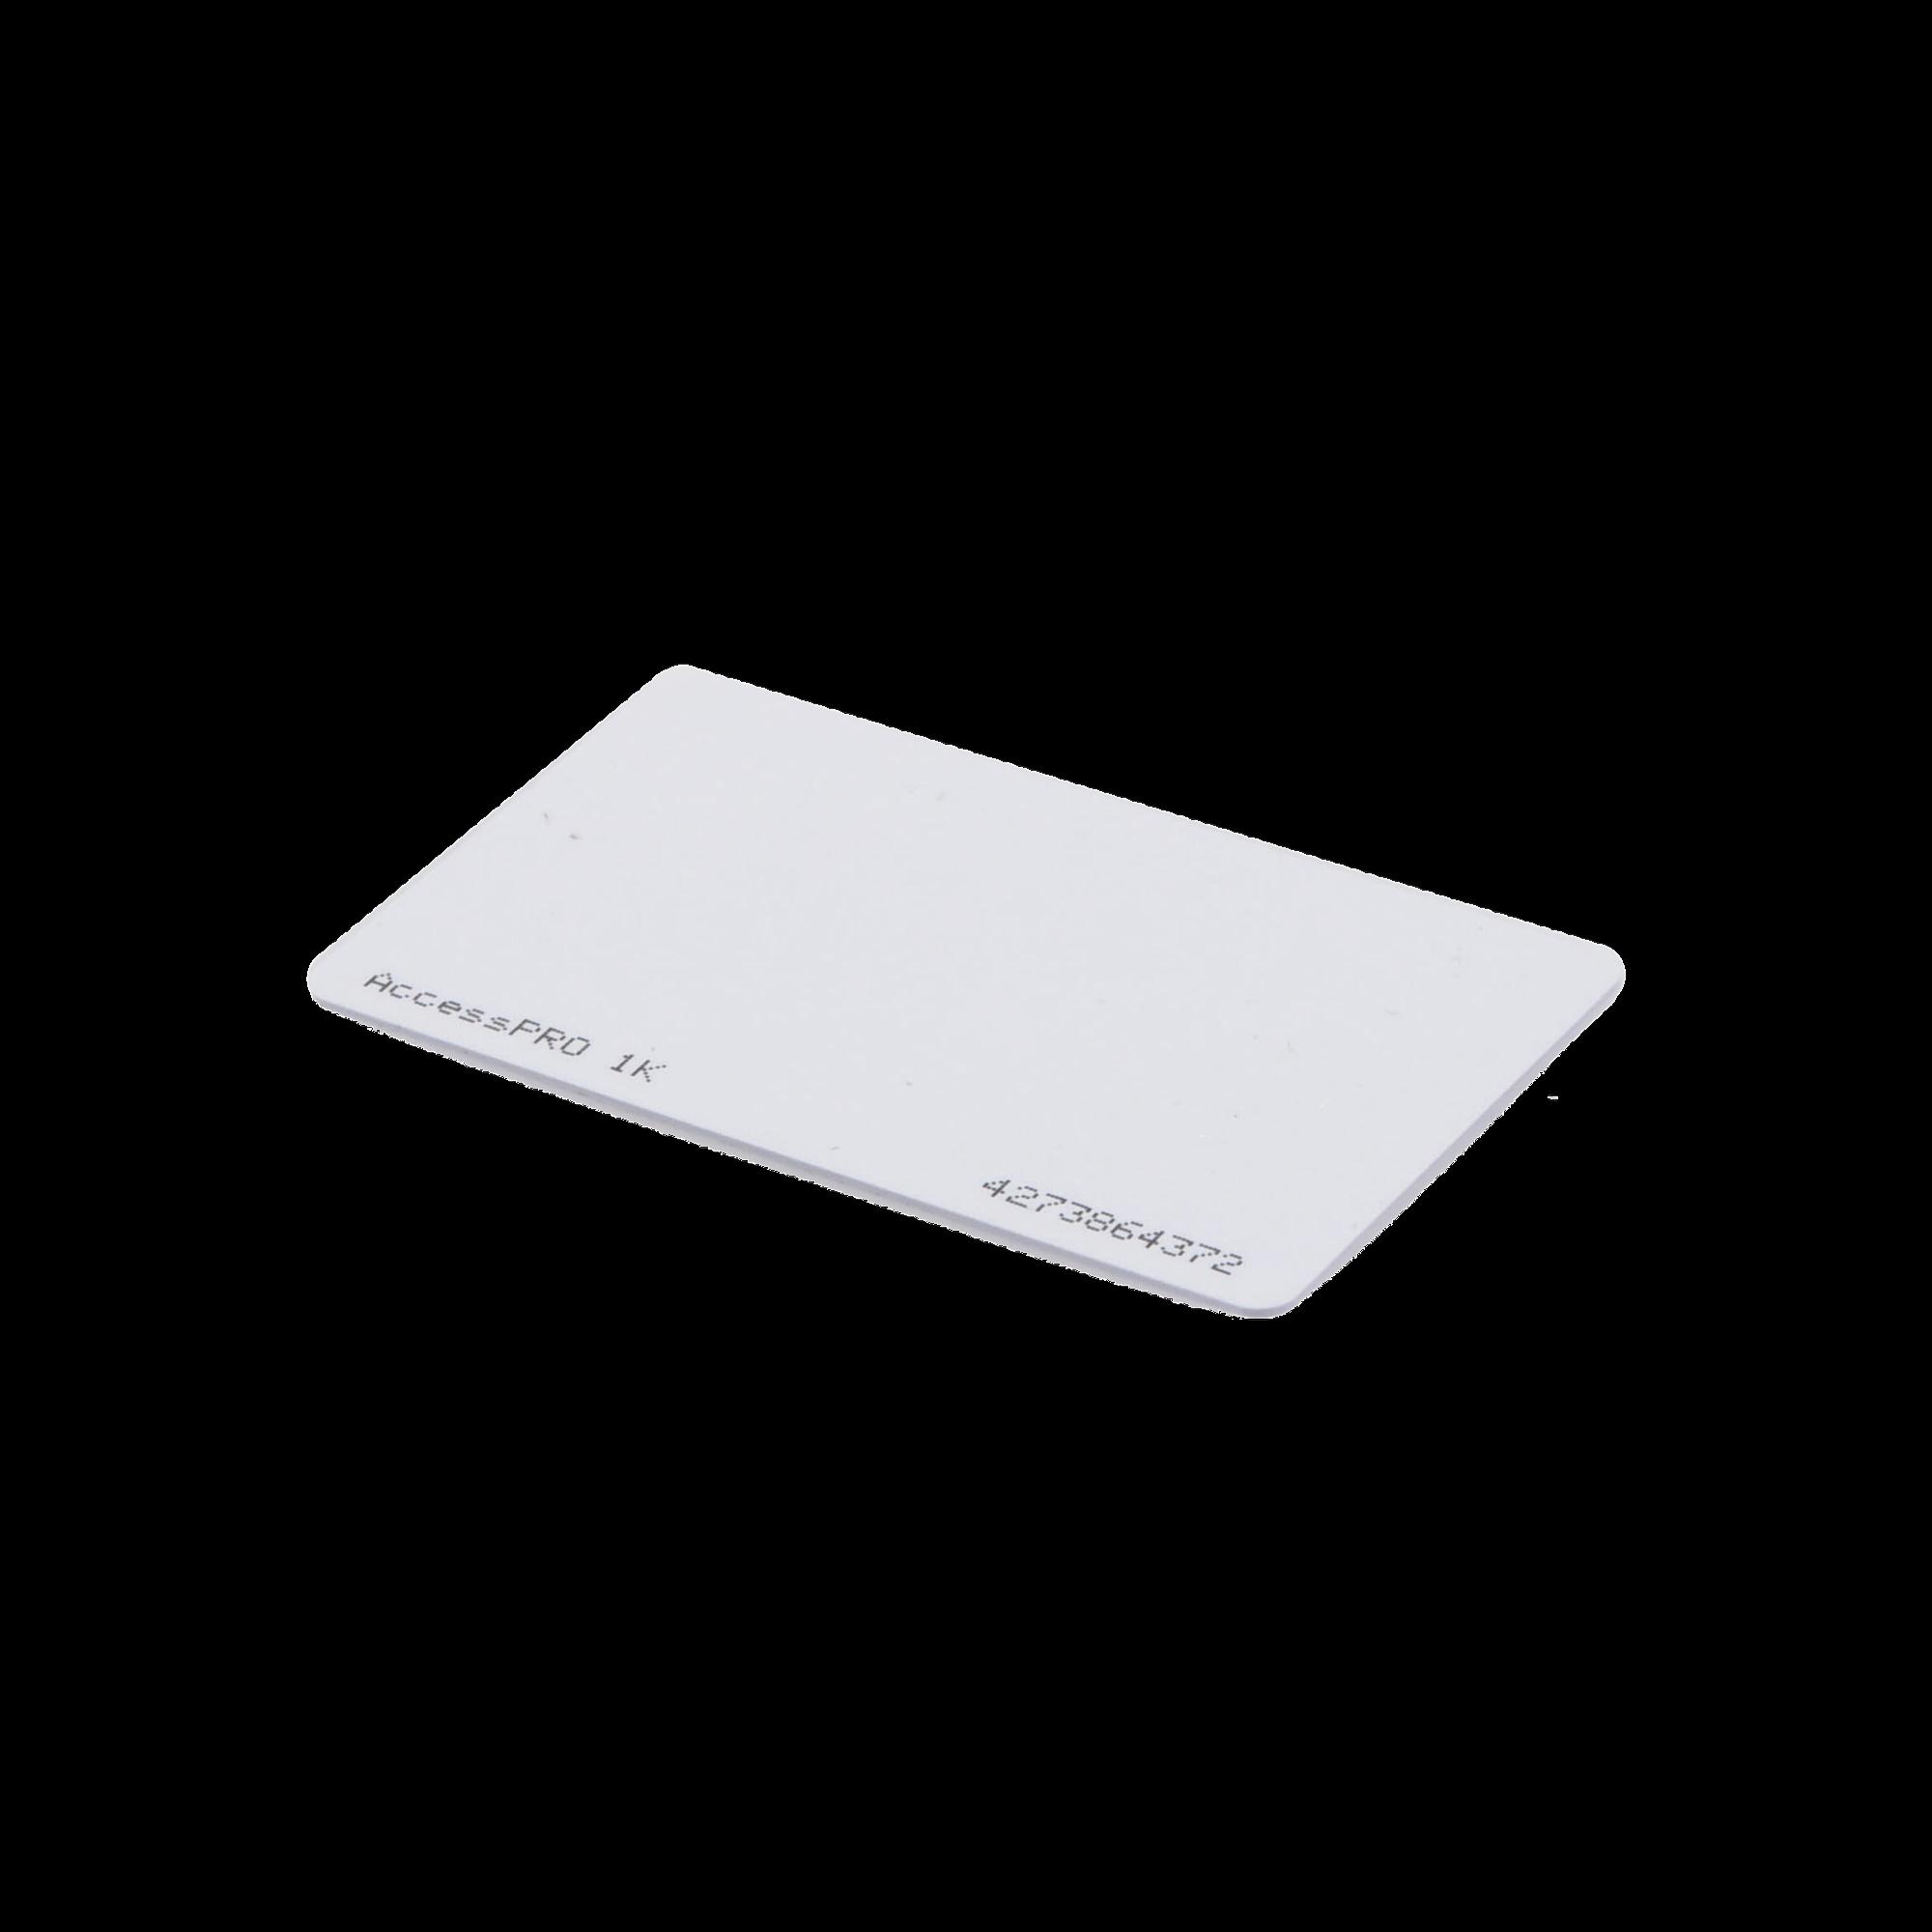 Tarjeta MIFARE Classic / Tipo ISO Card / Memoria 1Kb / Imprimible / Frecuencia 13.56 Mhz/ Formato CR80